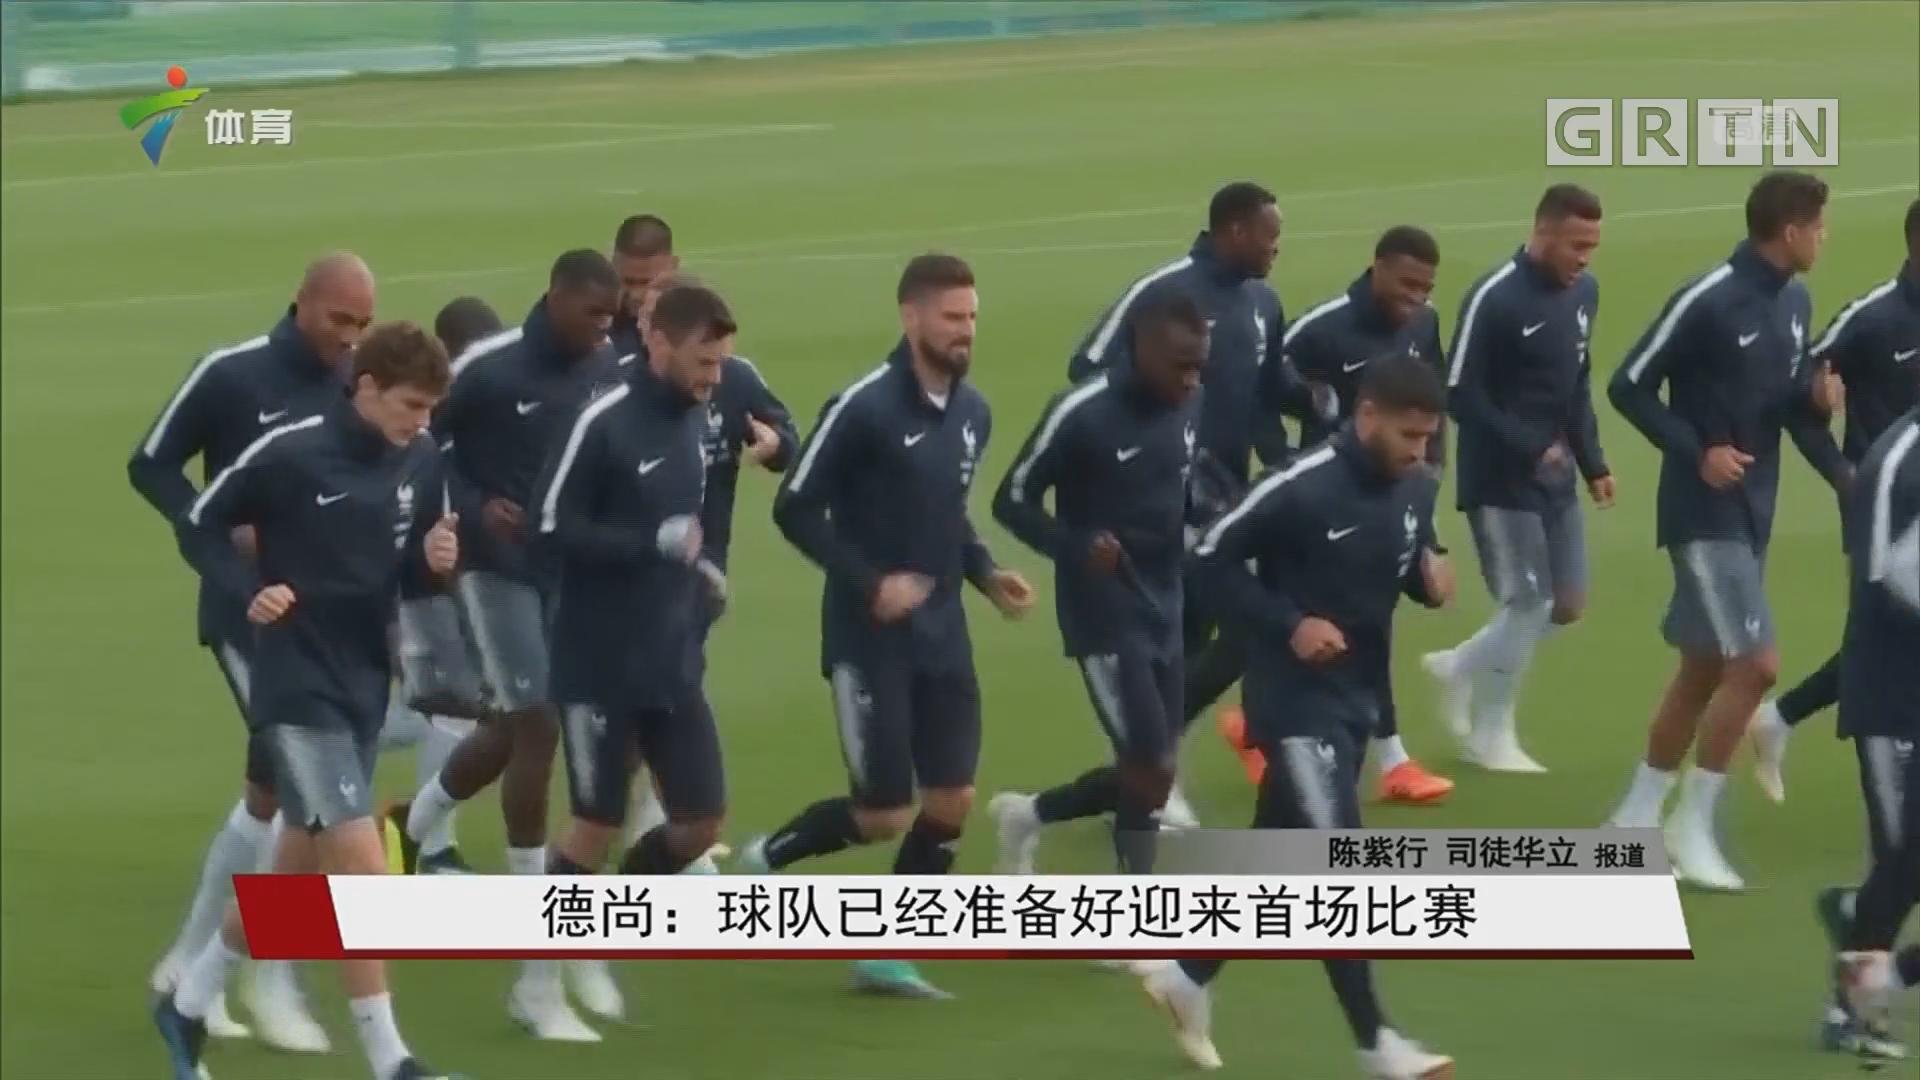 德尚:球队已经准备好迎来首场比赛